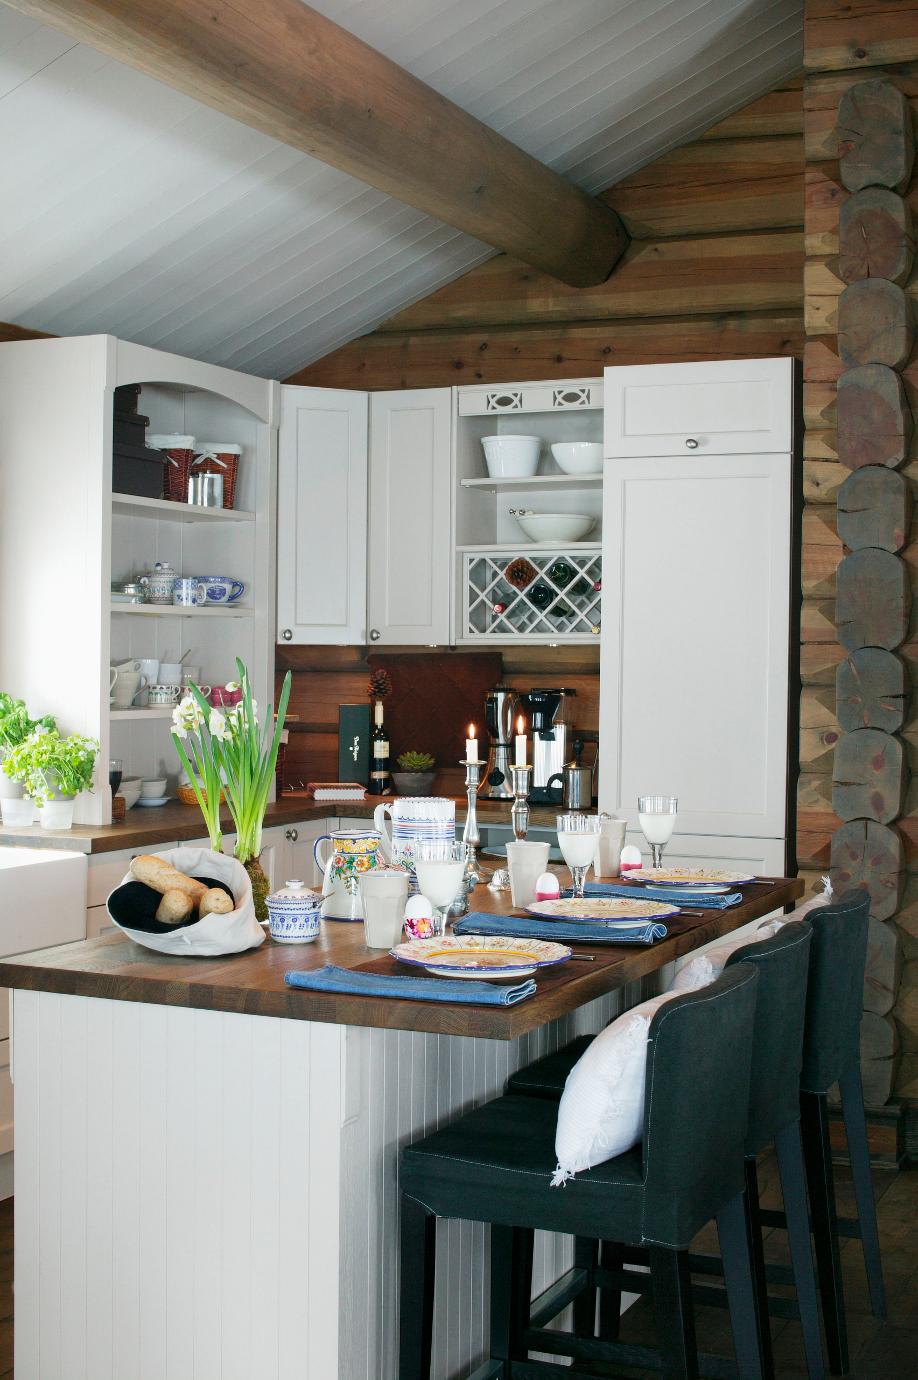 Mała kuchnia  dużo miejsca  WESTWING # Mala Kuchnia Z Wyspą Aranżacje